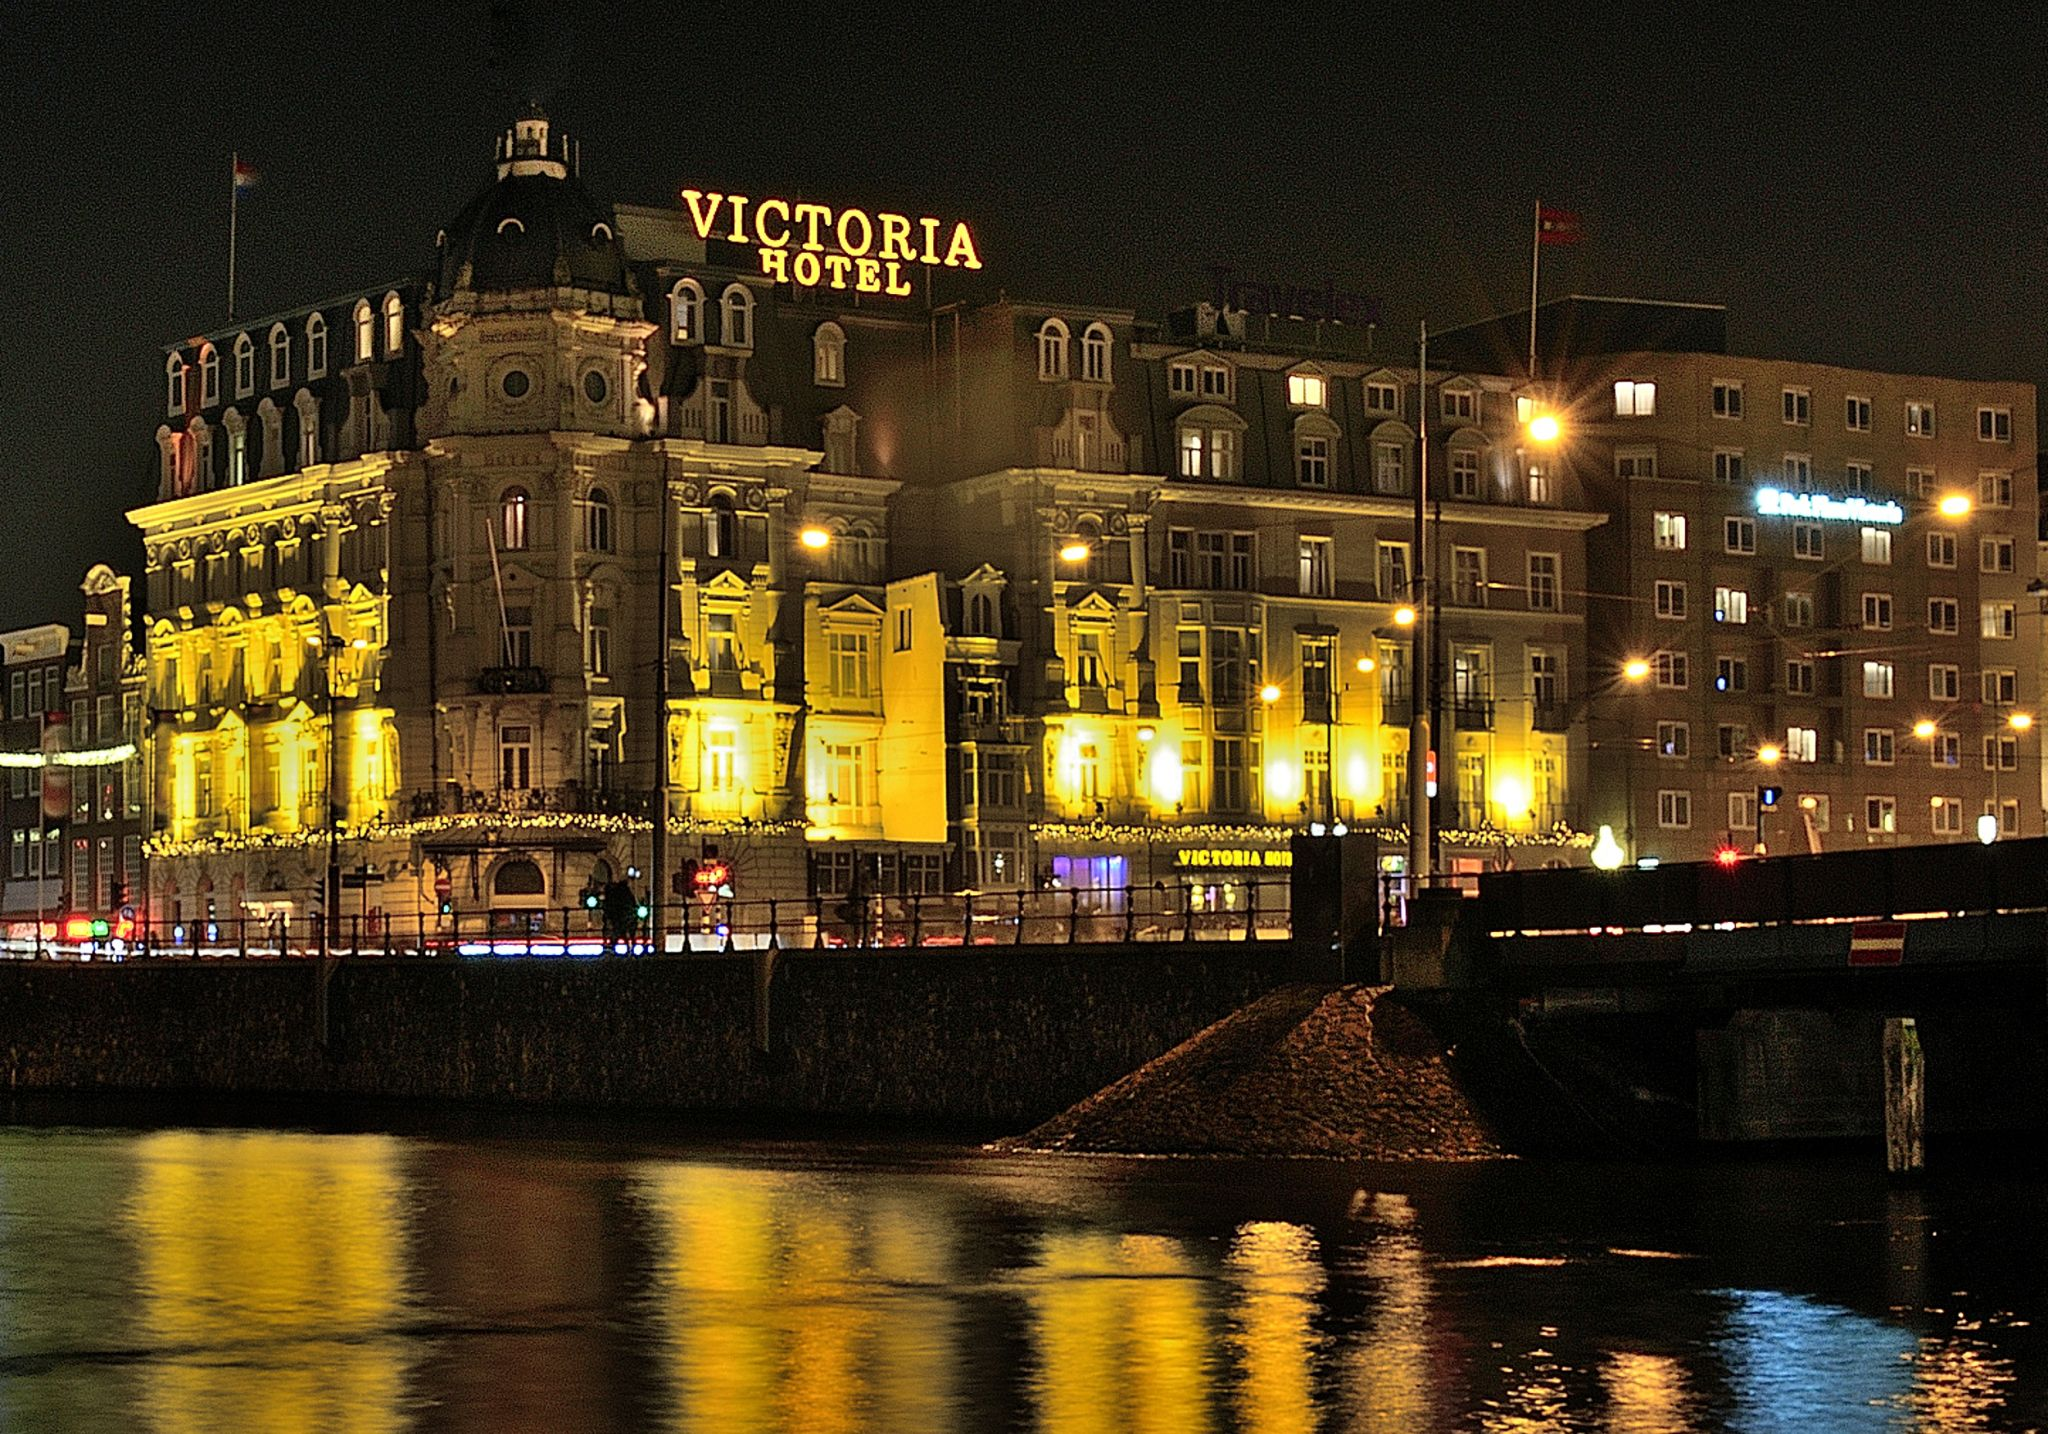 Victoria Hotel Amsterdam, Netherlands